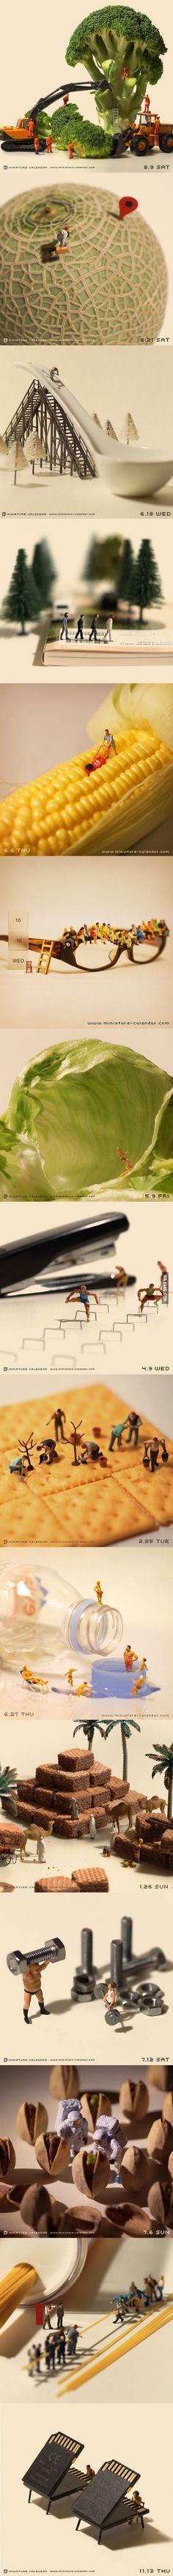 immagine di Pinterest, foto scattate, vari cibi e oggetti. Quest'immagine mi ha colpito per la creatività e le varie situazioni rappresentate.